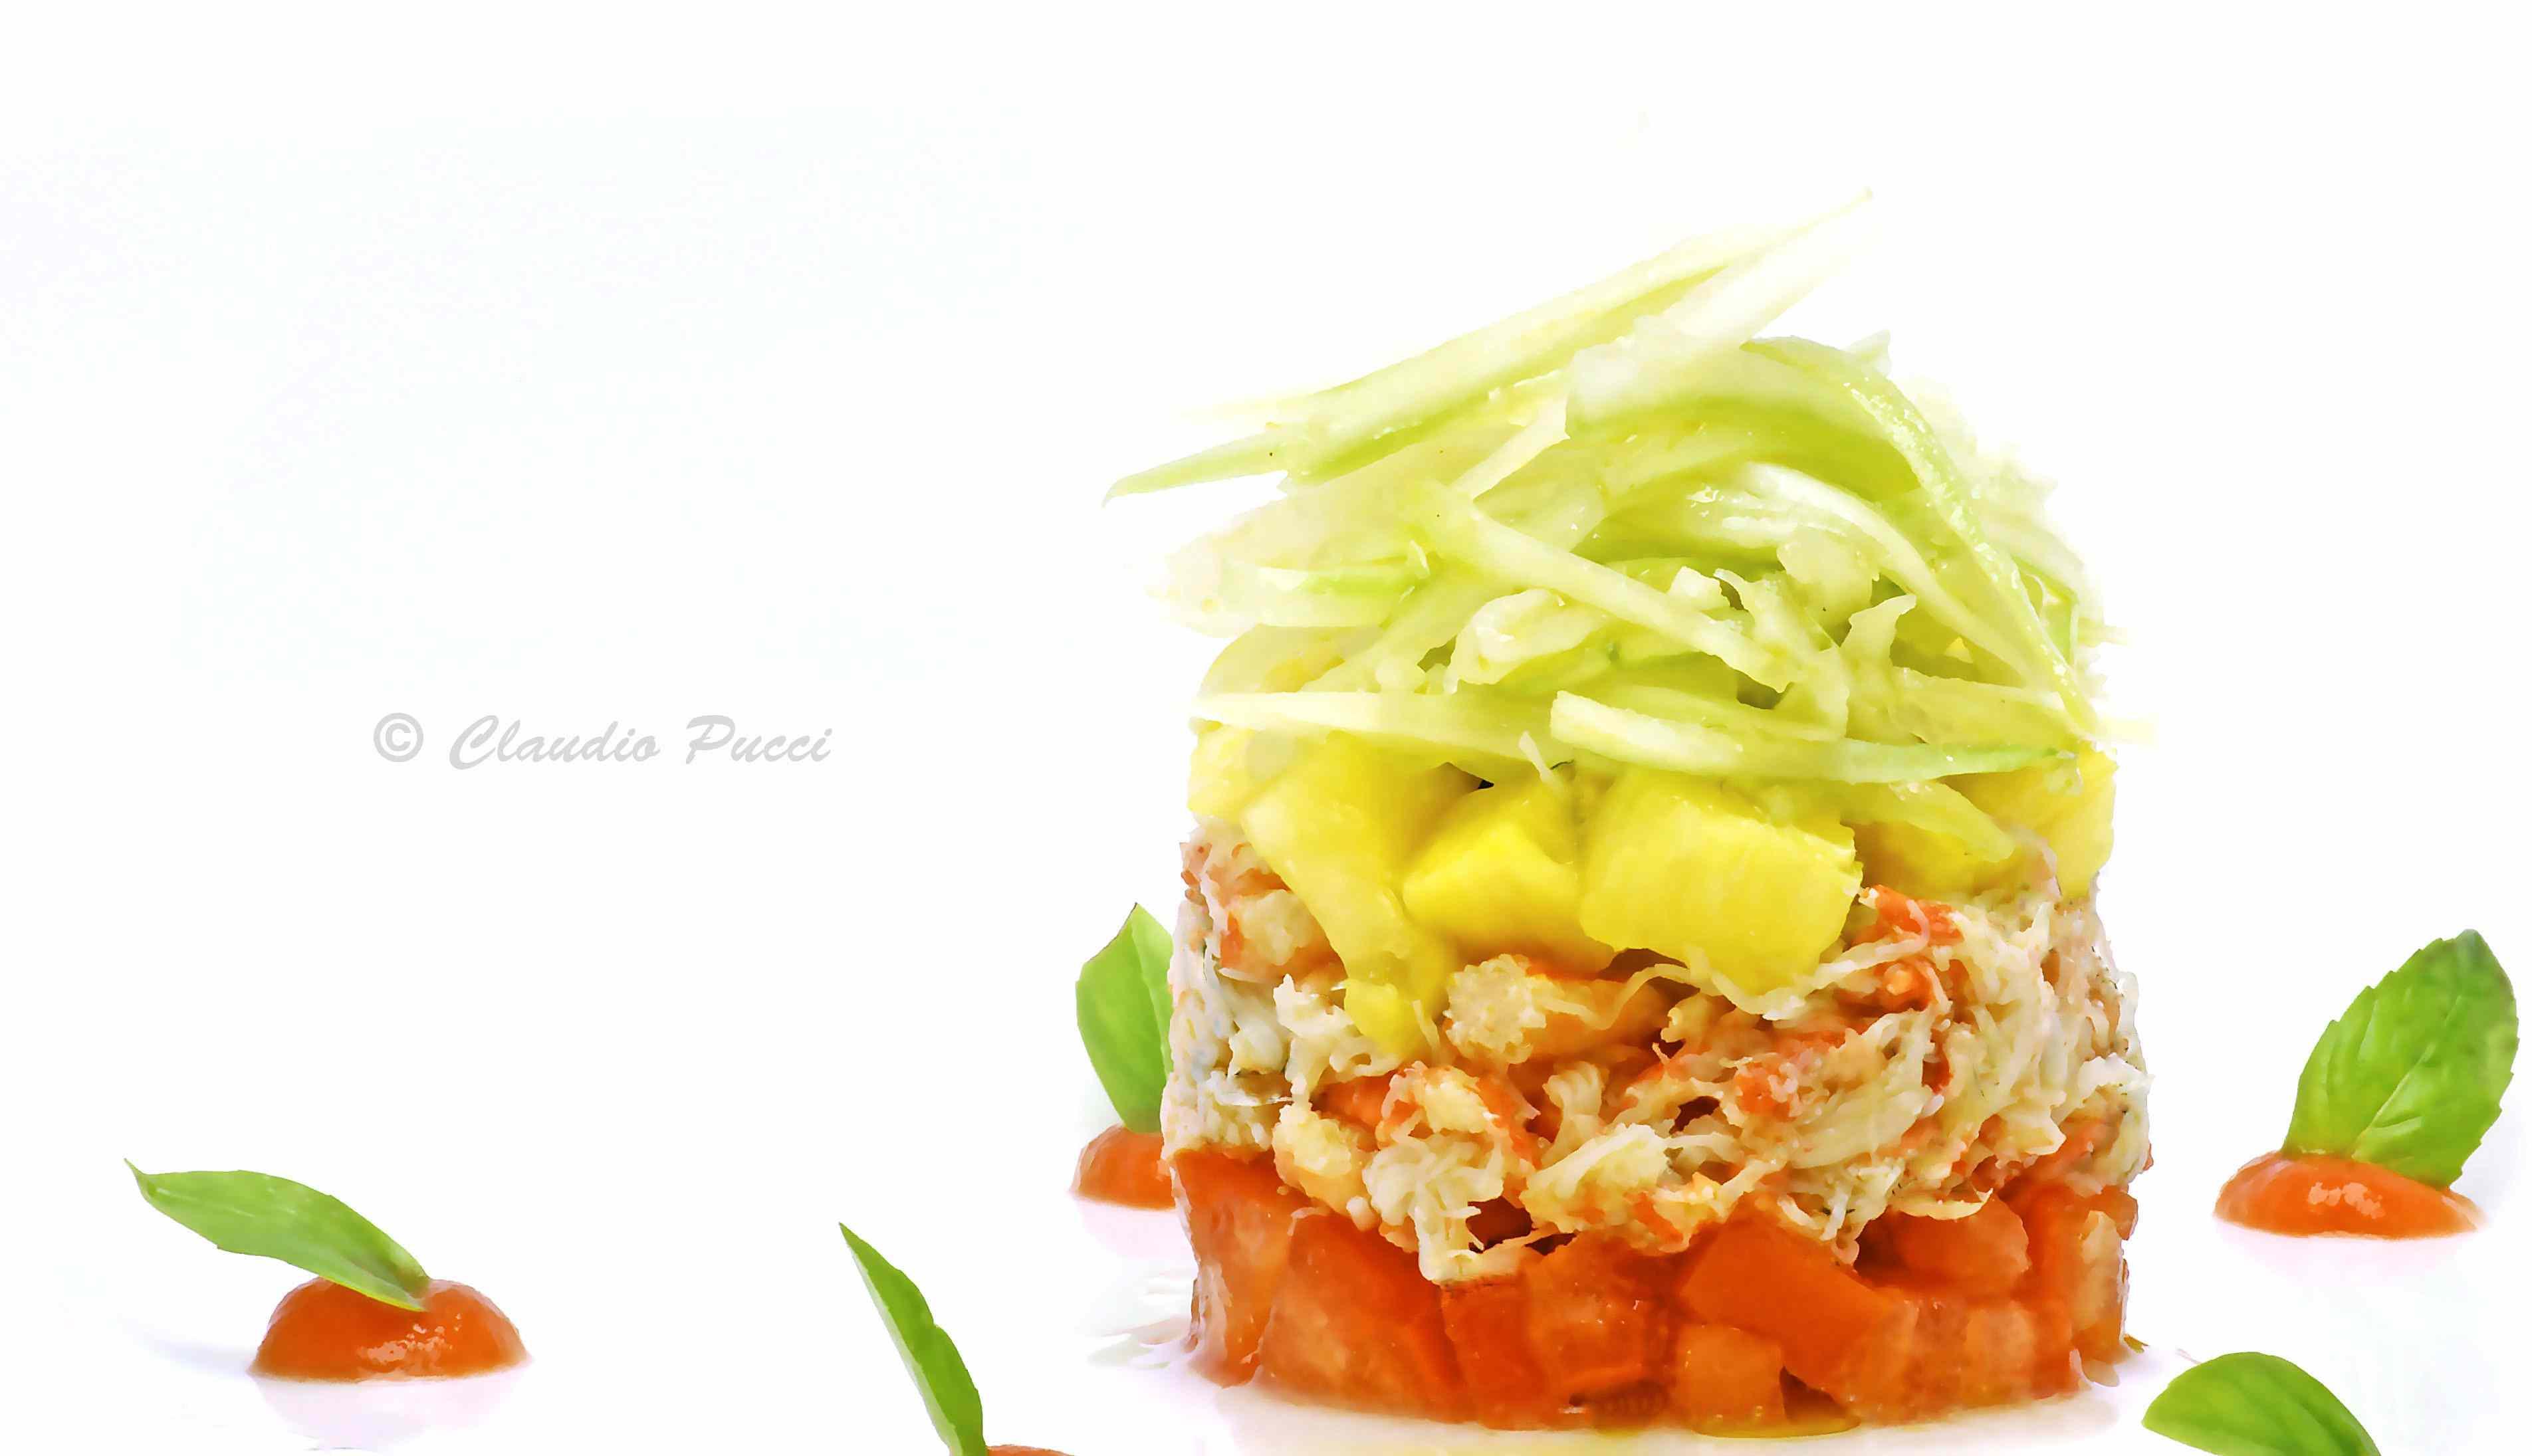 Ricetta: Insalata di polpa di granchio com pomodoro,ananas e sedano